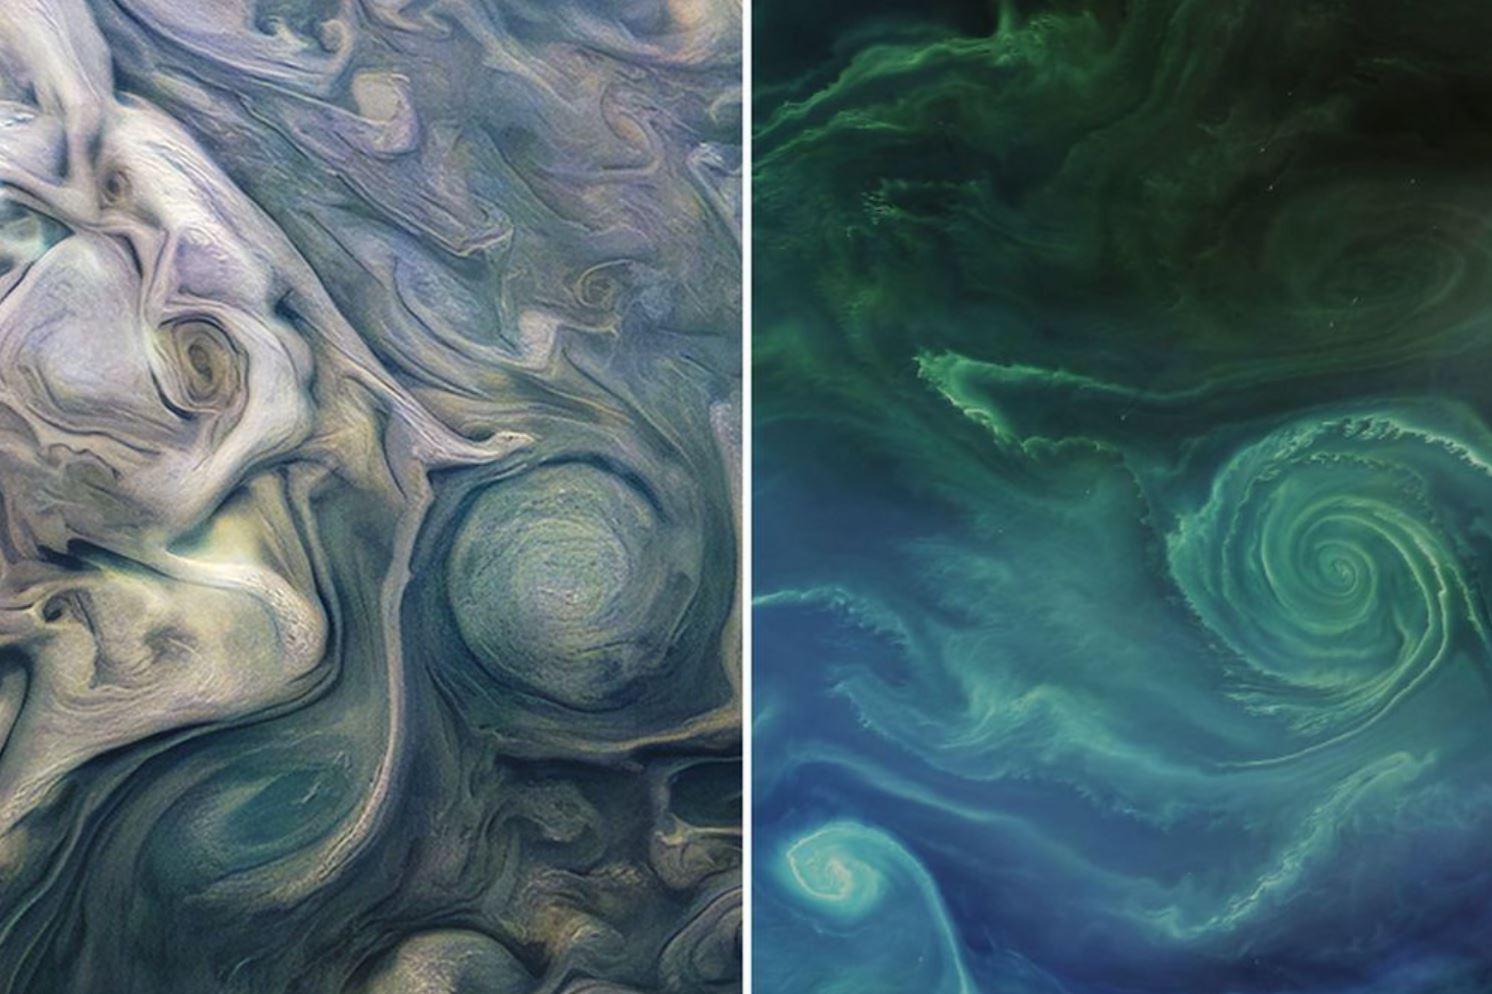 Image Credit: NASA/Eichstadt/Doran. & Landsat-8